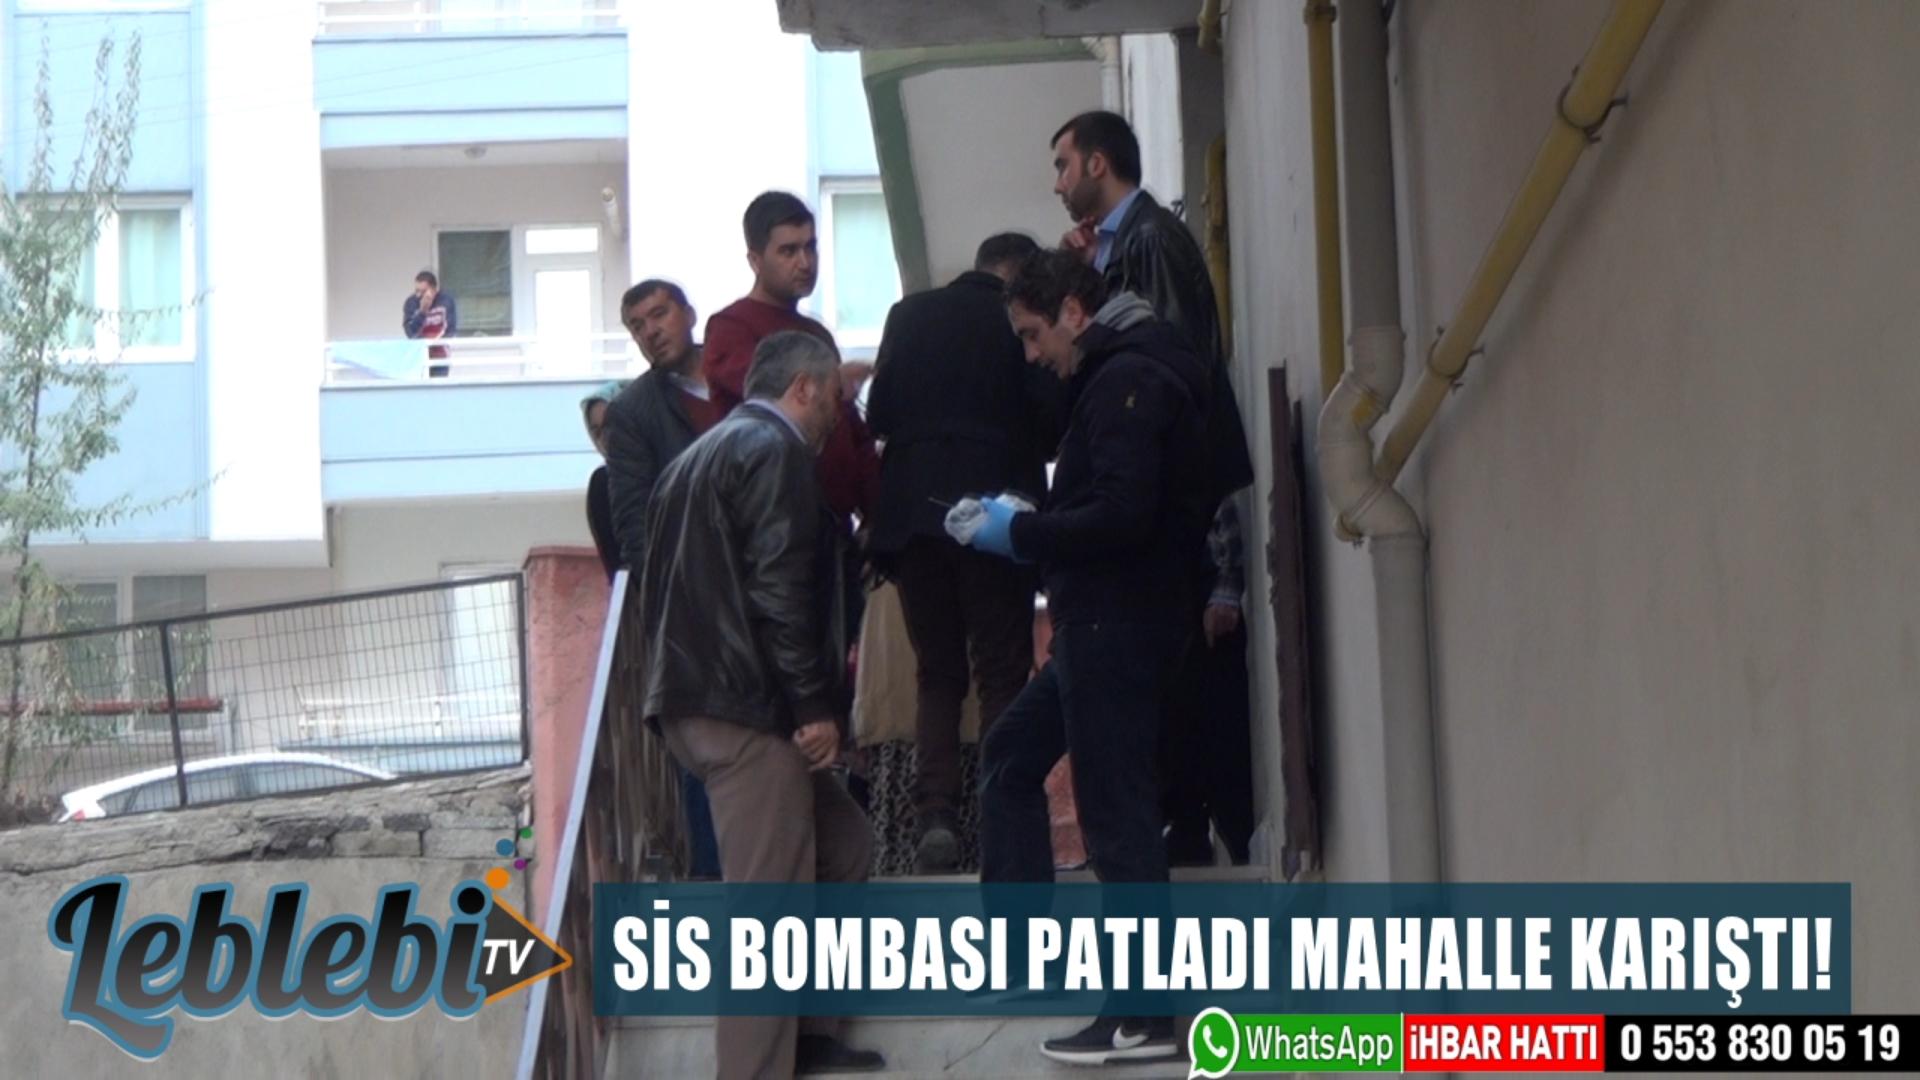 SİS BOMBASI PATLADI MAHALLE KARIŞTI!